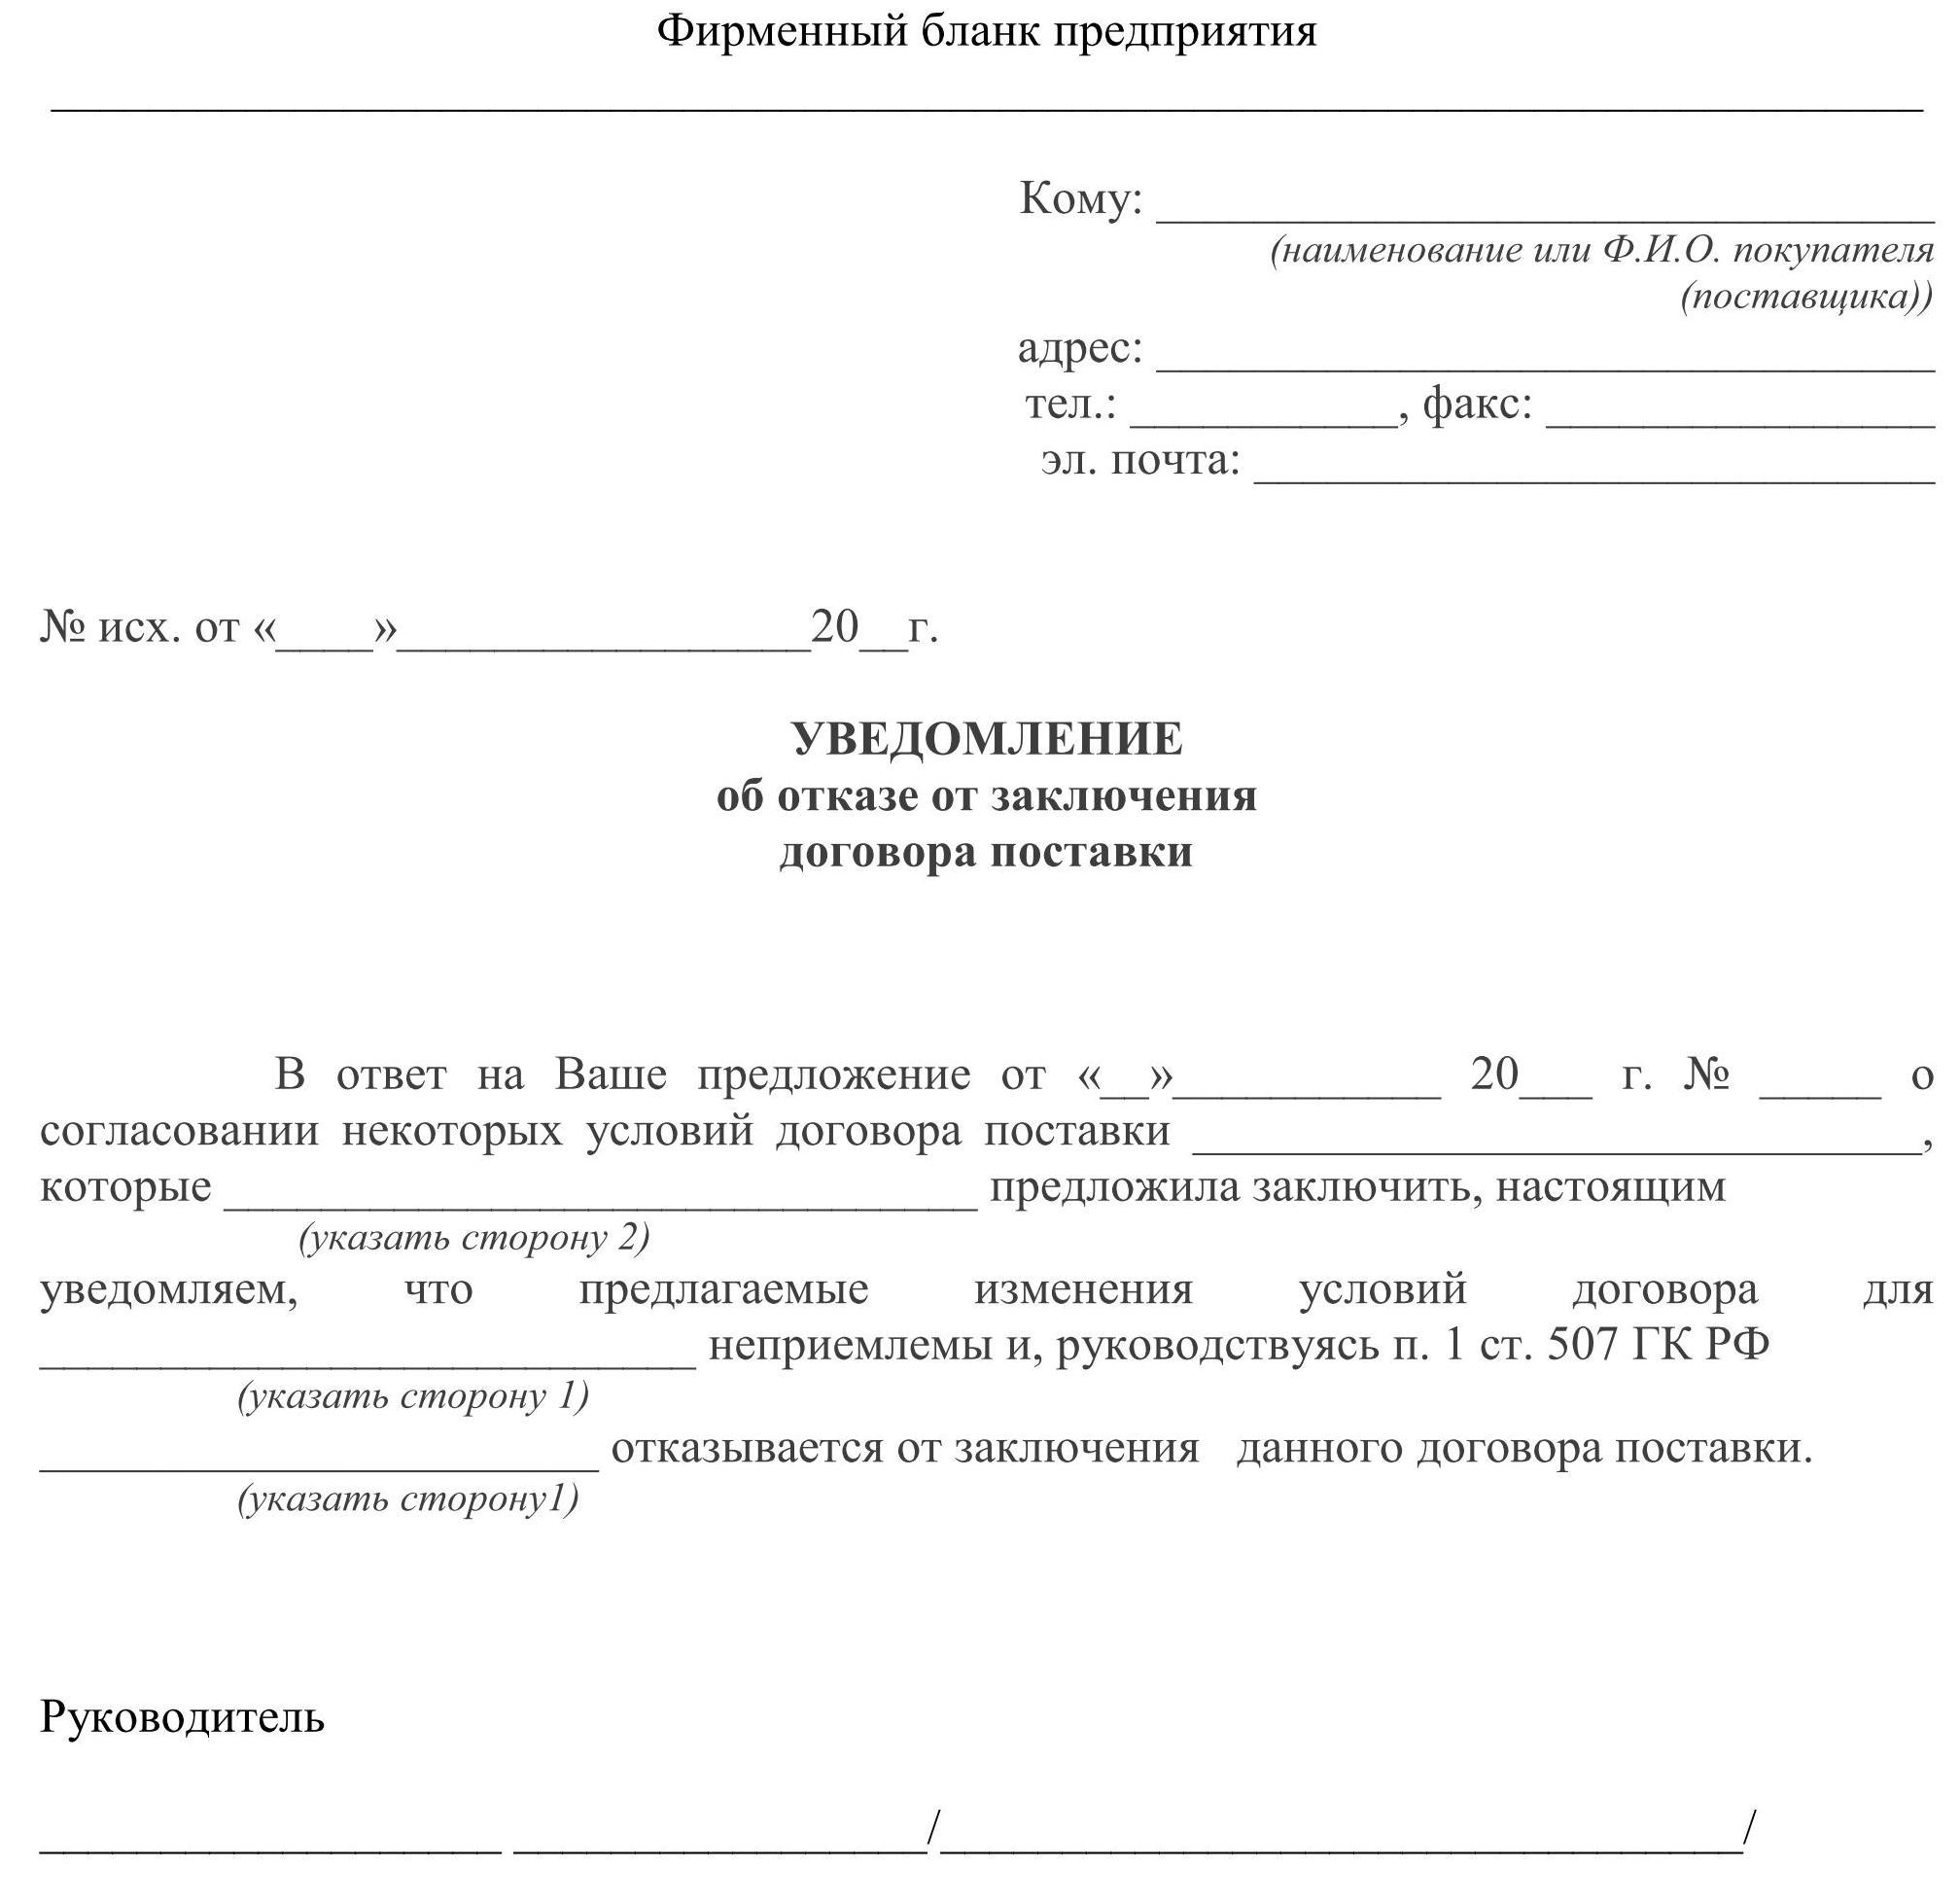 Протокол отказа от заключения контракта 44 фз